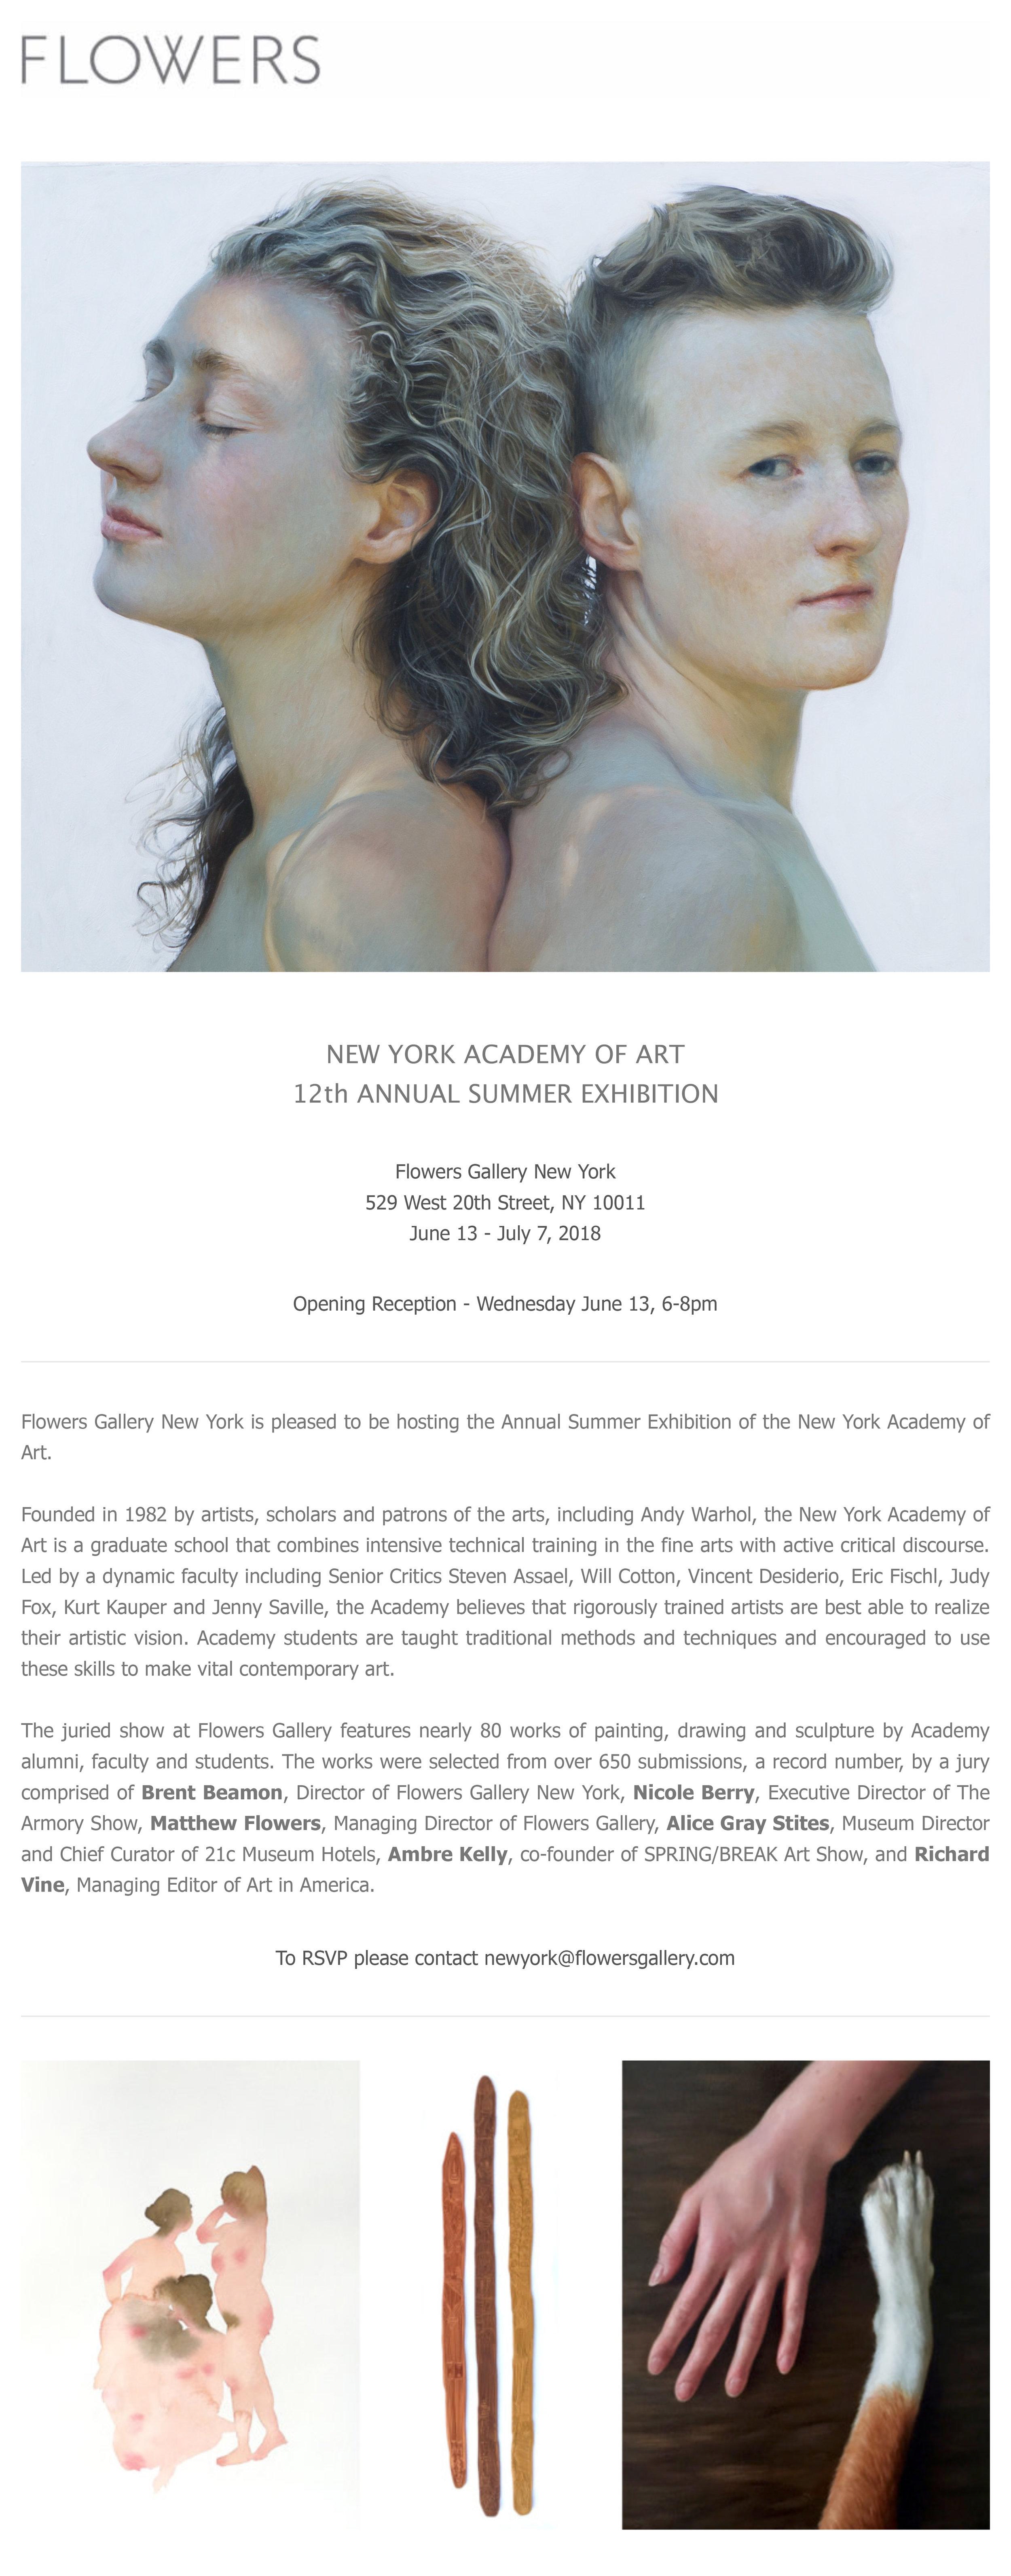 NYAA Summer Exhibition NYC.jpg